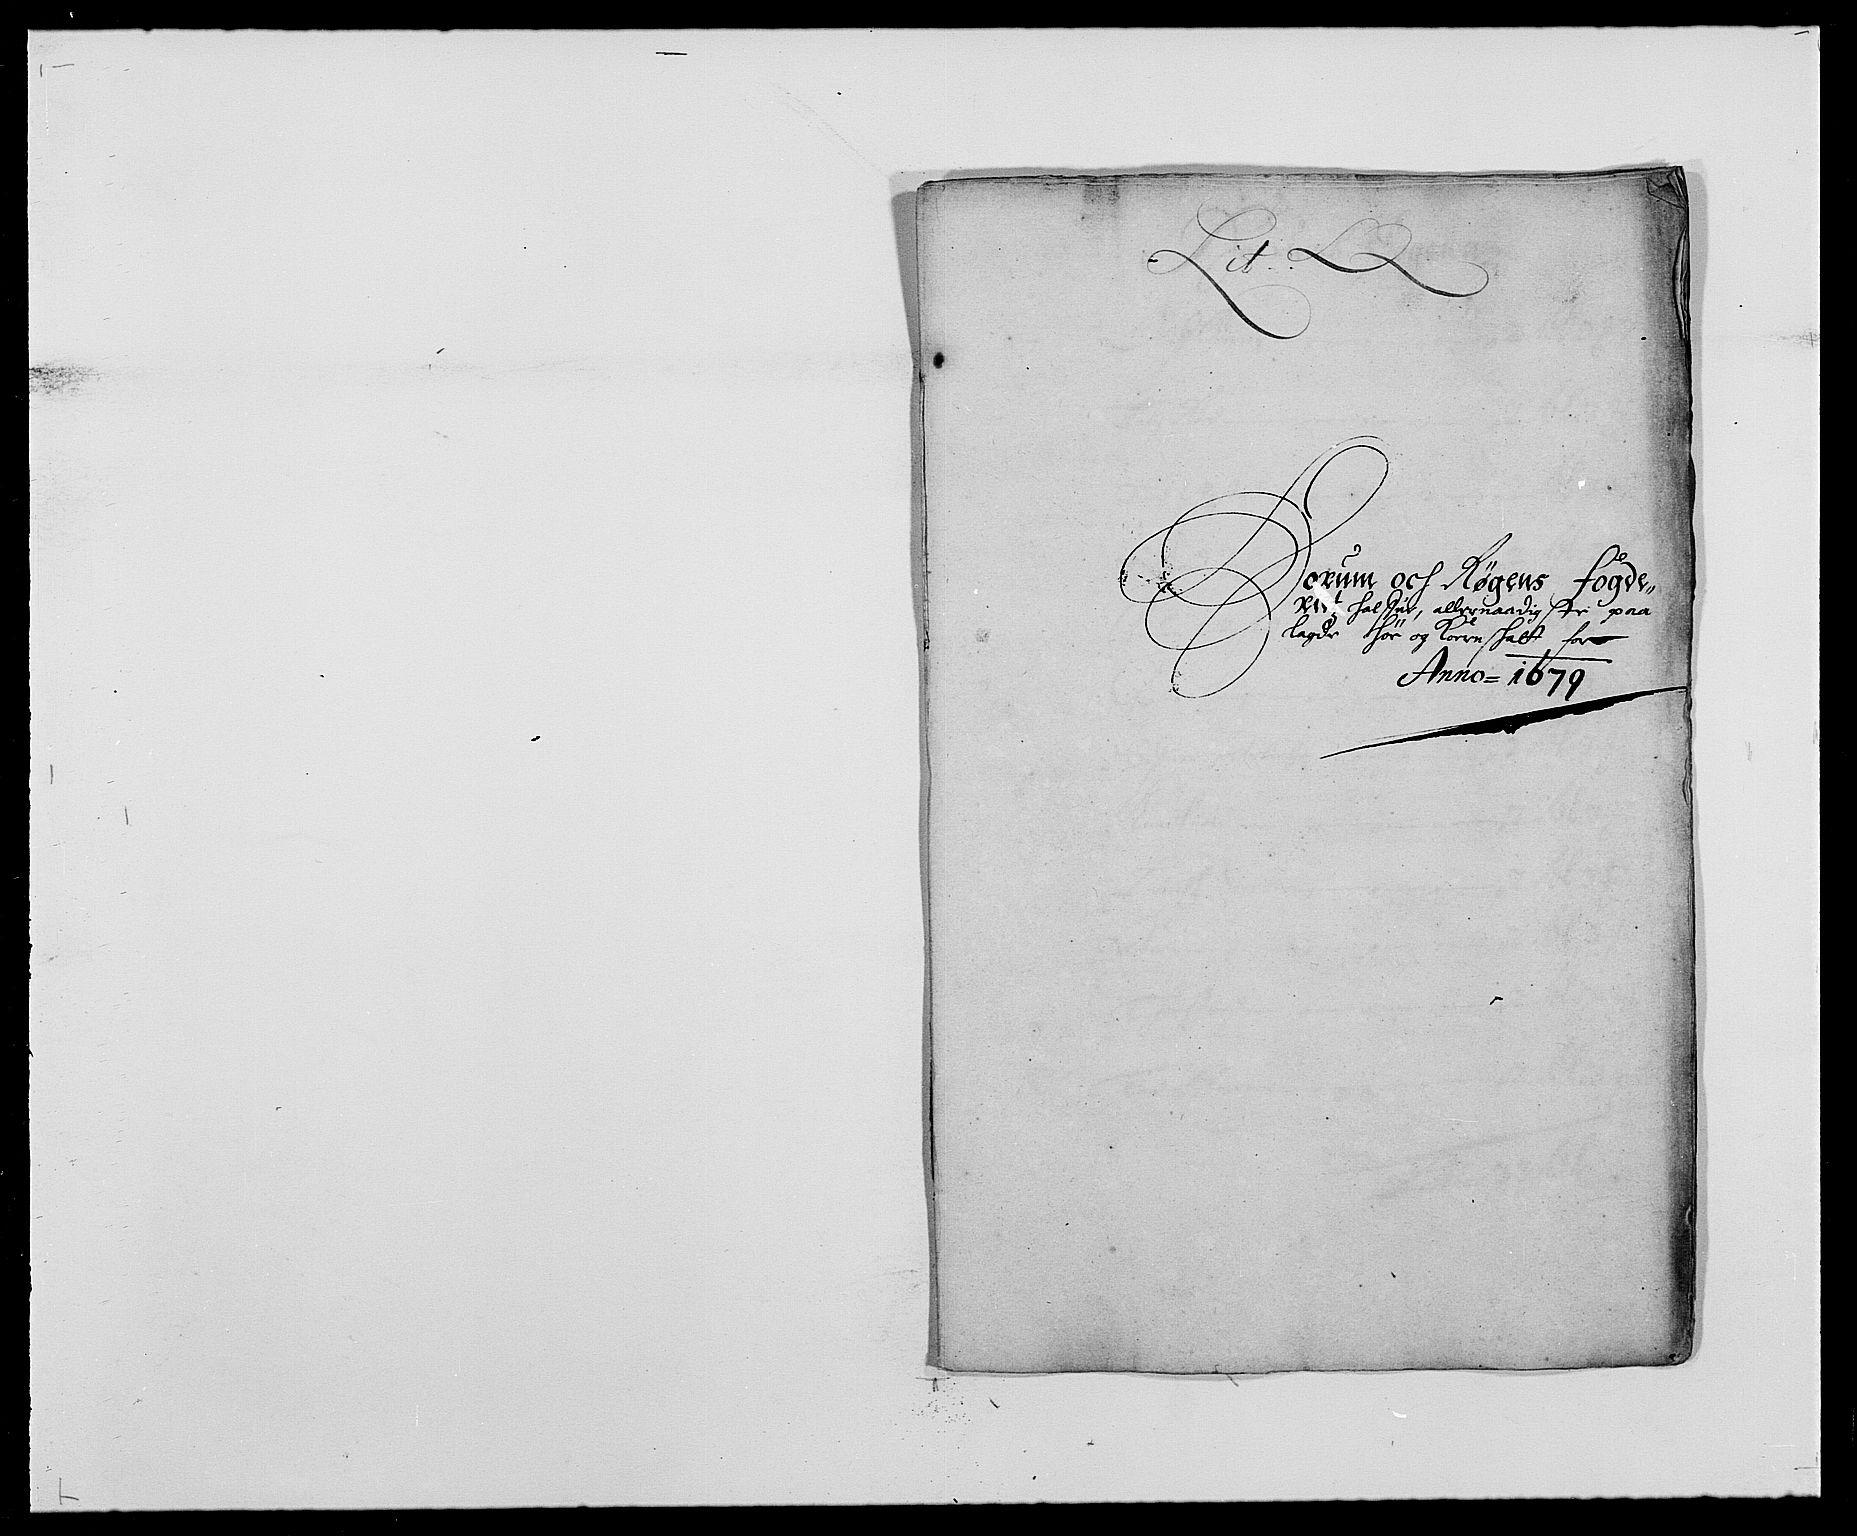 RA, Rentekammeret inntil 1814, Reviderte regnskaper, Fogderegnskap, R29/L1691: Fogderegnskap Hurum og Røyken, 1678-1681, s. 219